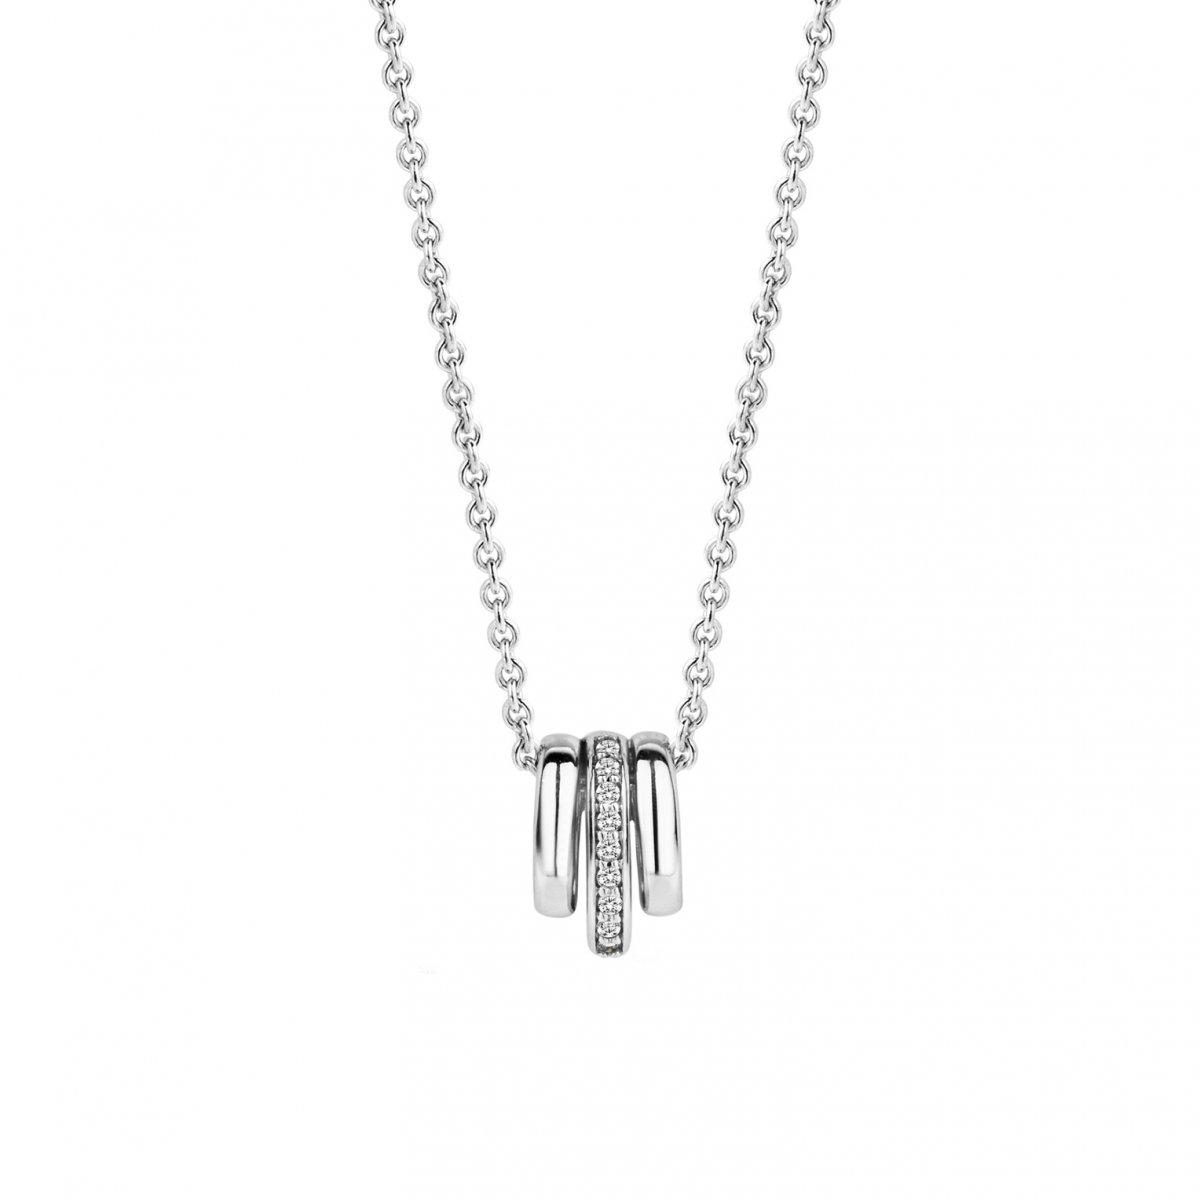 Strieborný náhrdelník TI SENTO s príveskom